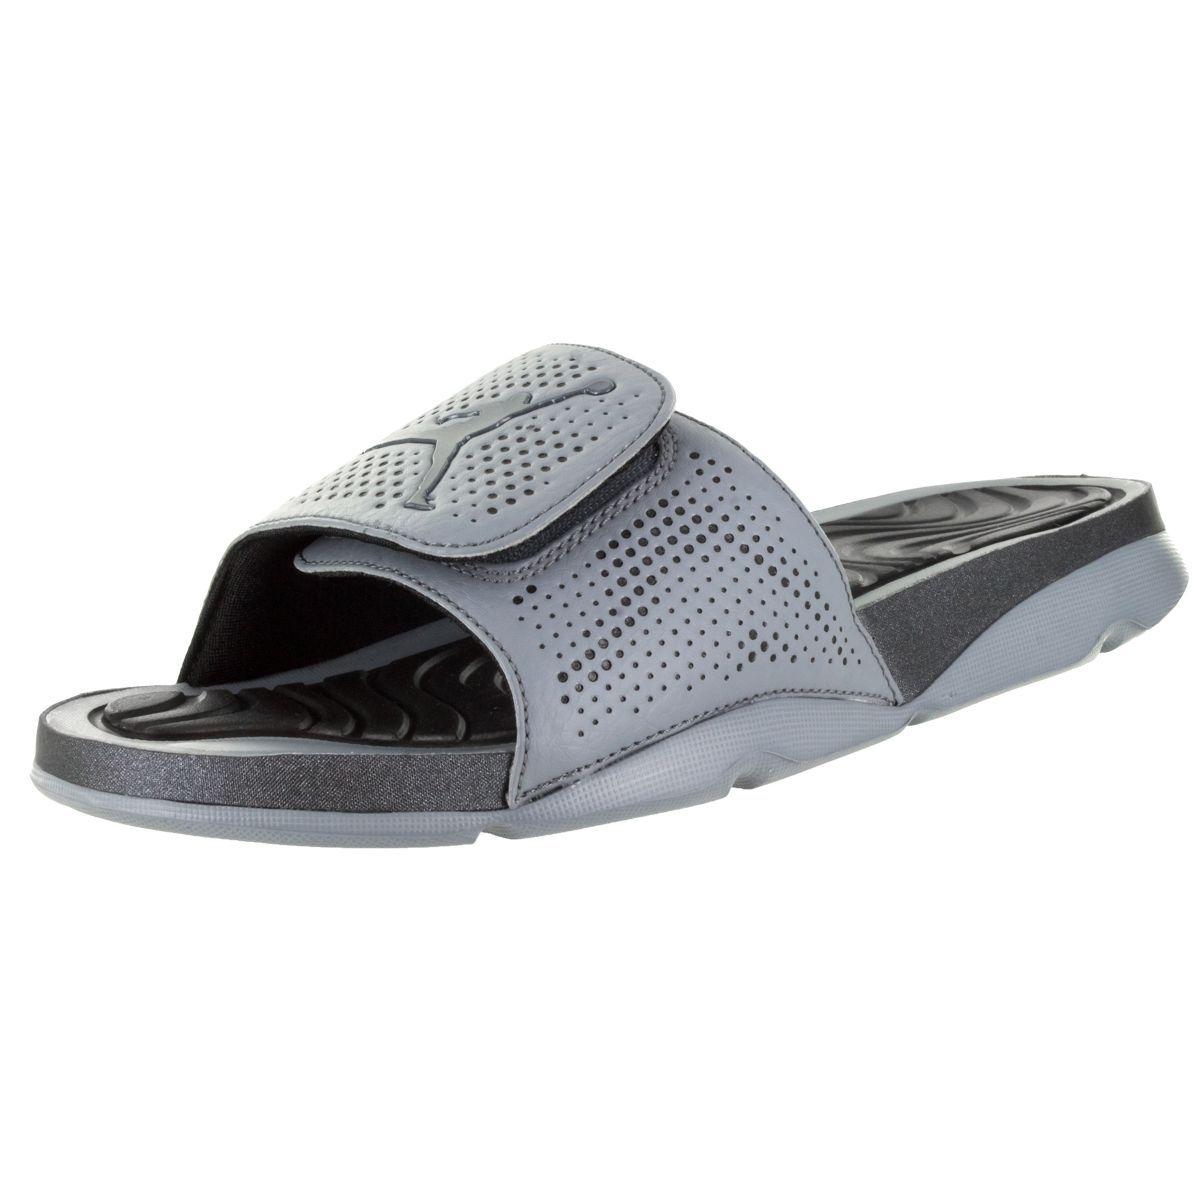 Black jordan sandals - Nike Jordan Men S Jordan Hydro 5 Cool Grey Hematite Black Sandal By Jordan